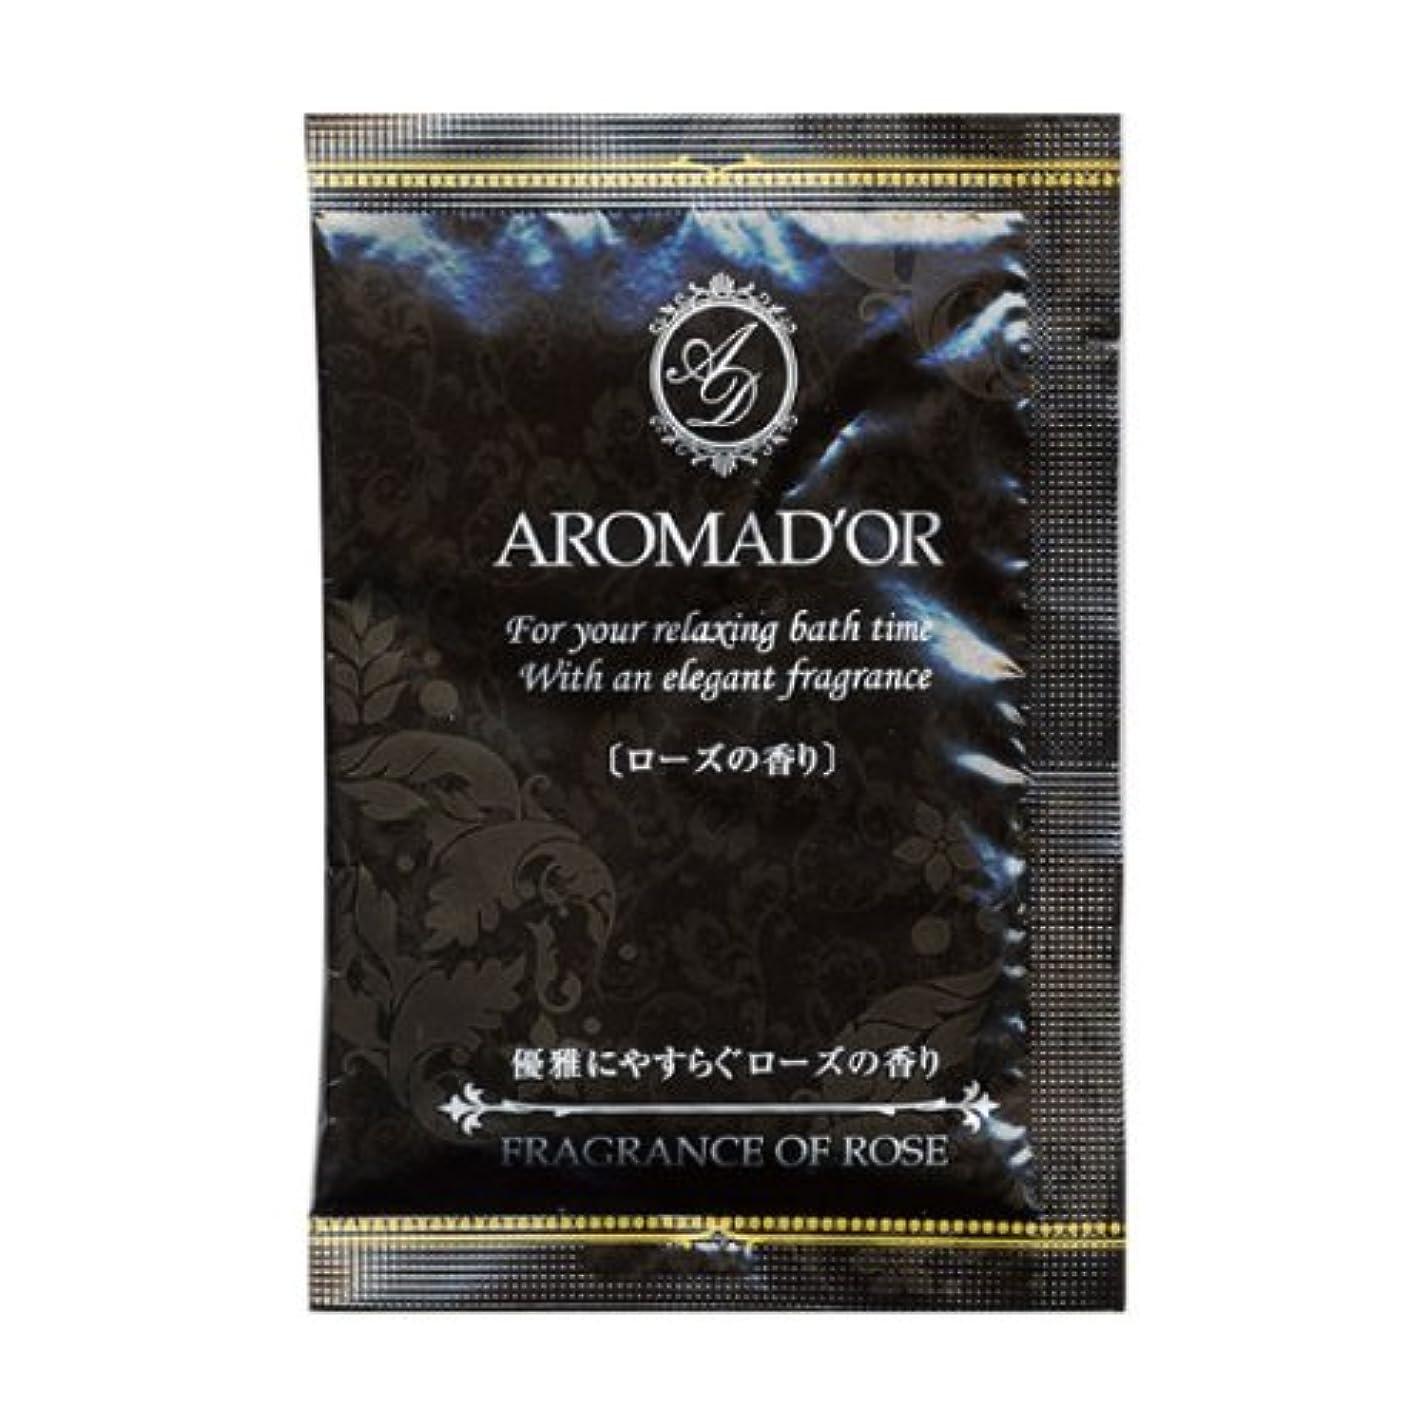 非難に対応するみアロマドール入浴剤 フレグランスローズの香り 200包